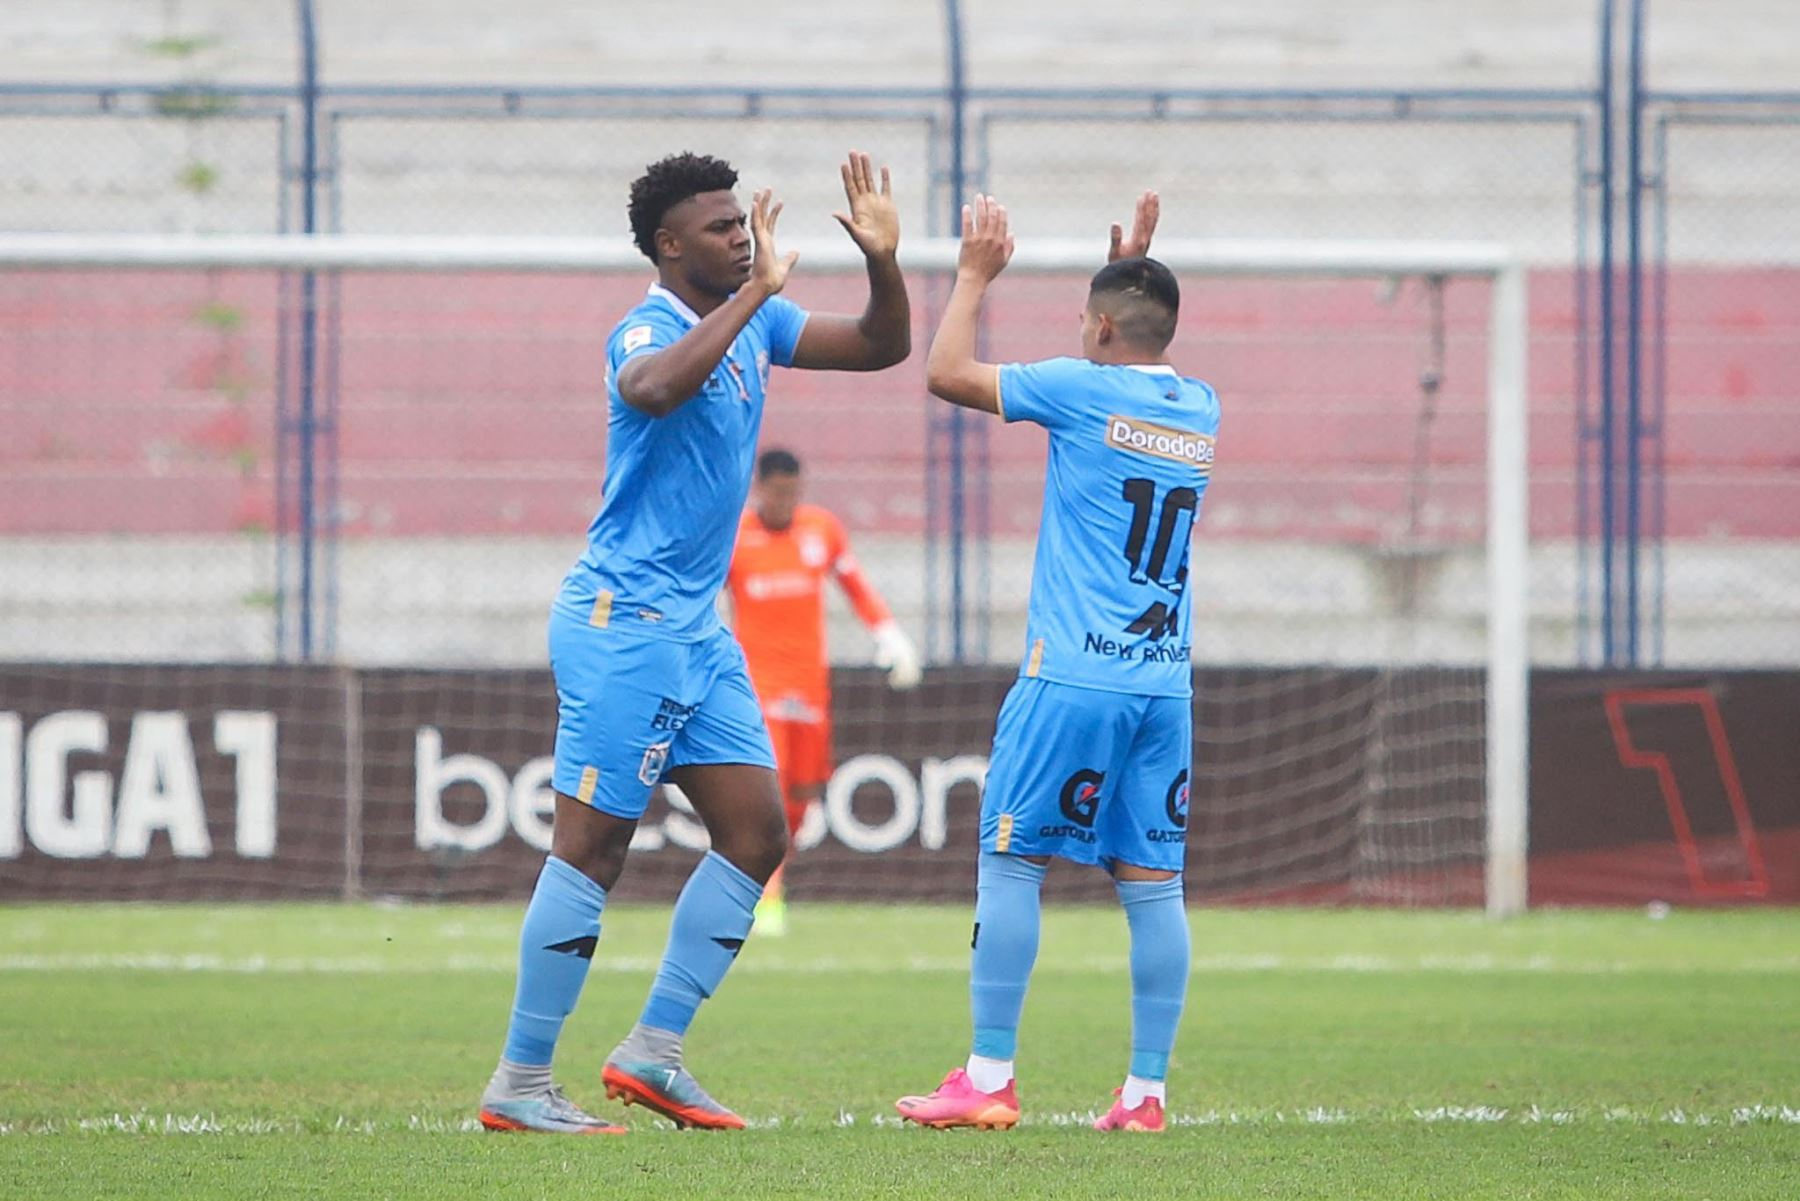 Con goles de Marlon de Jesus y Andy Polar, Binacional gana 2-0 a Alianza Lima durante partido por la décima jornada de la Liga 1, en el estadio Iván Elías Moreno. Foto: Liga 1